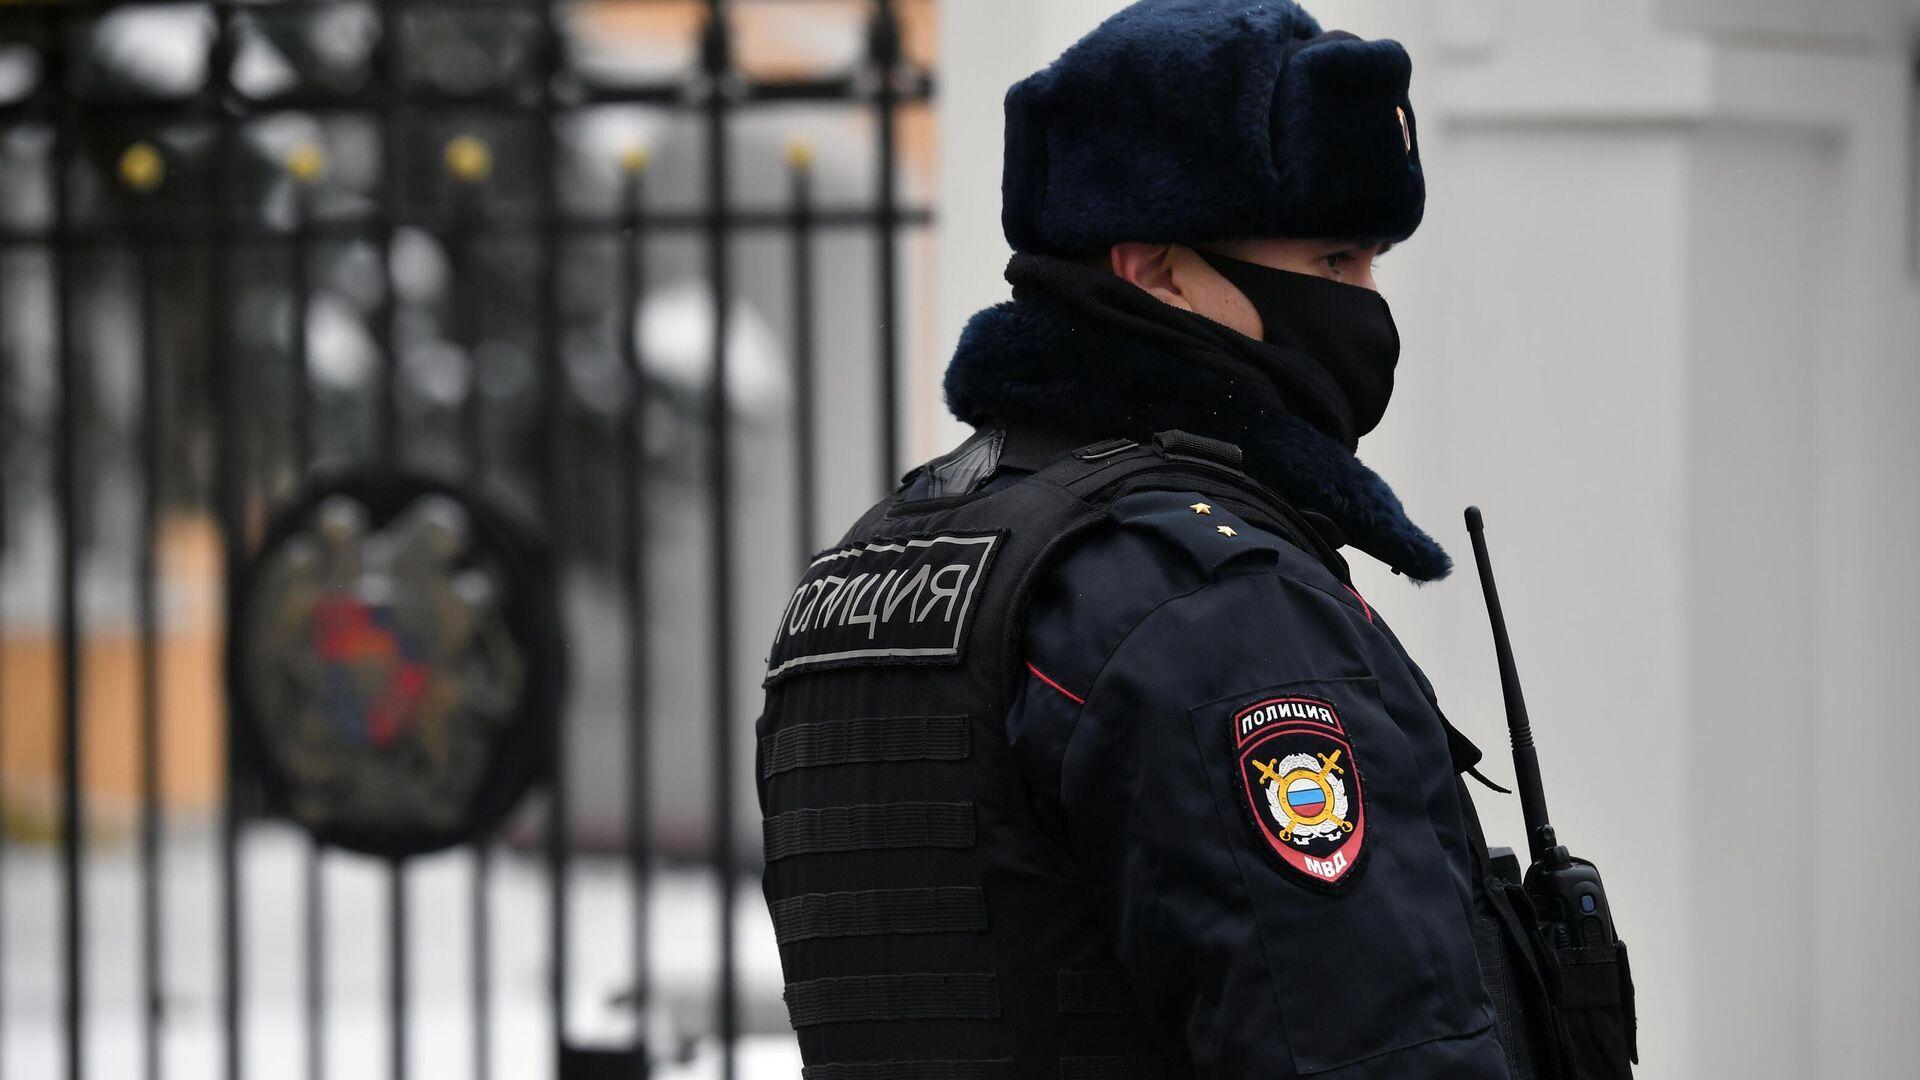 Сотрудник правоохранительных органов у здания посольства Республики Армения в Москве - РИА Новости, 1920, 24.01.2021